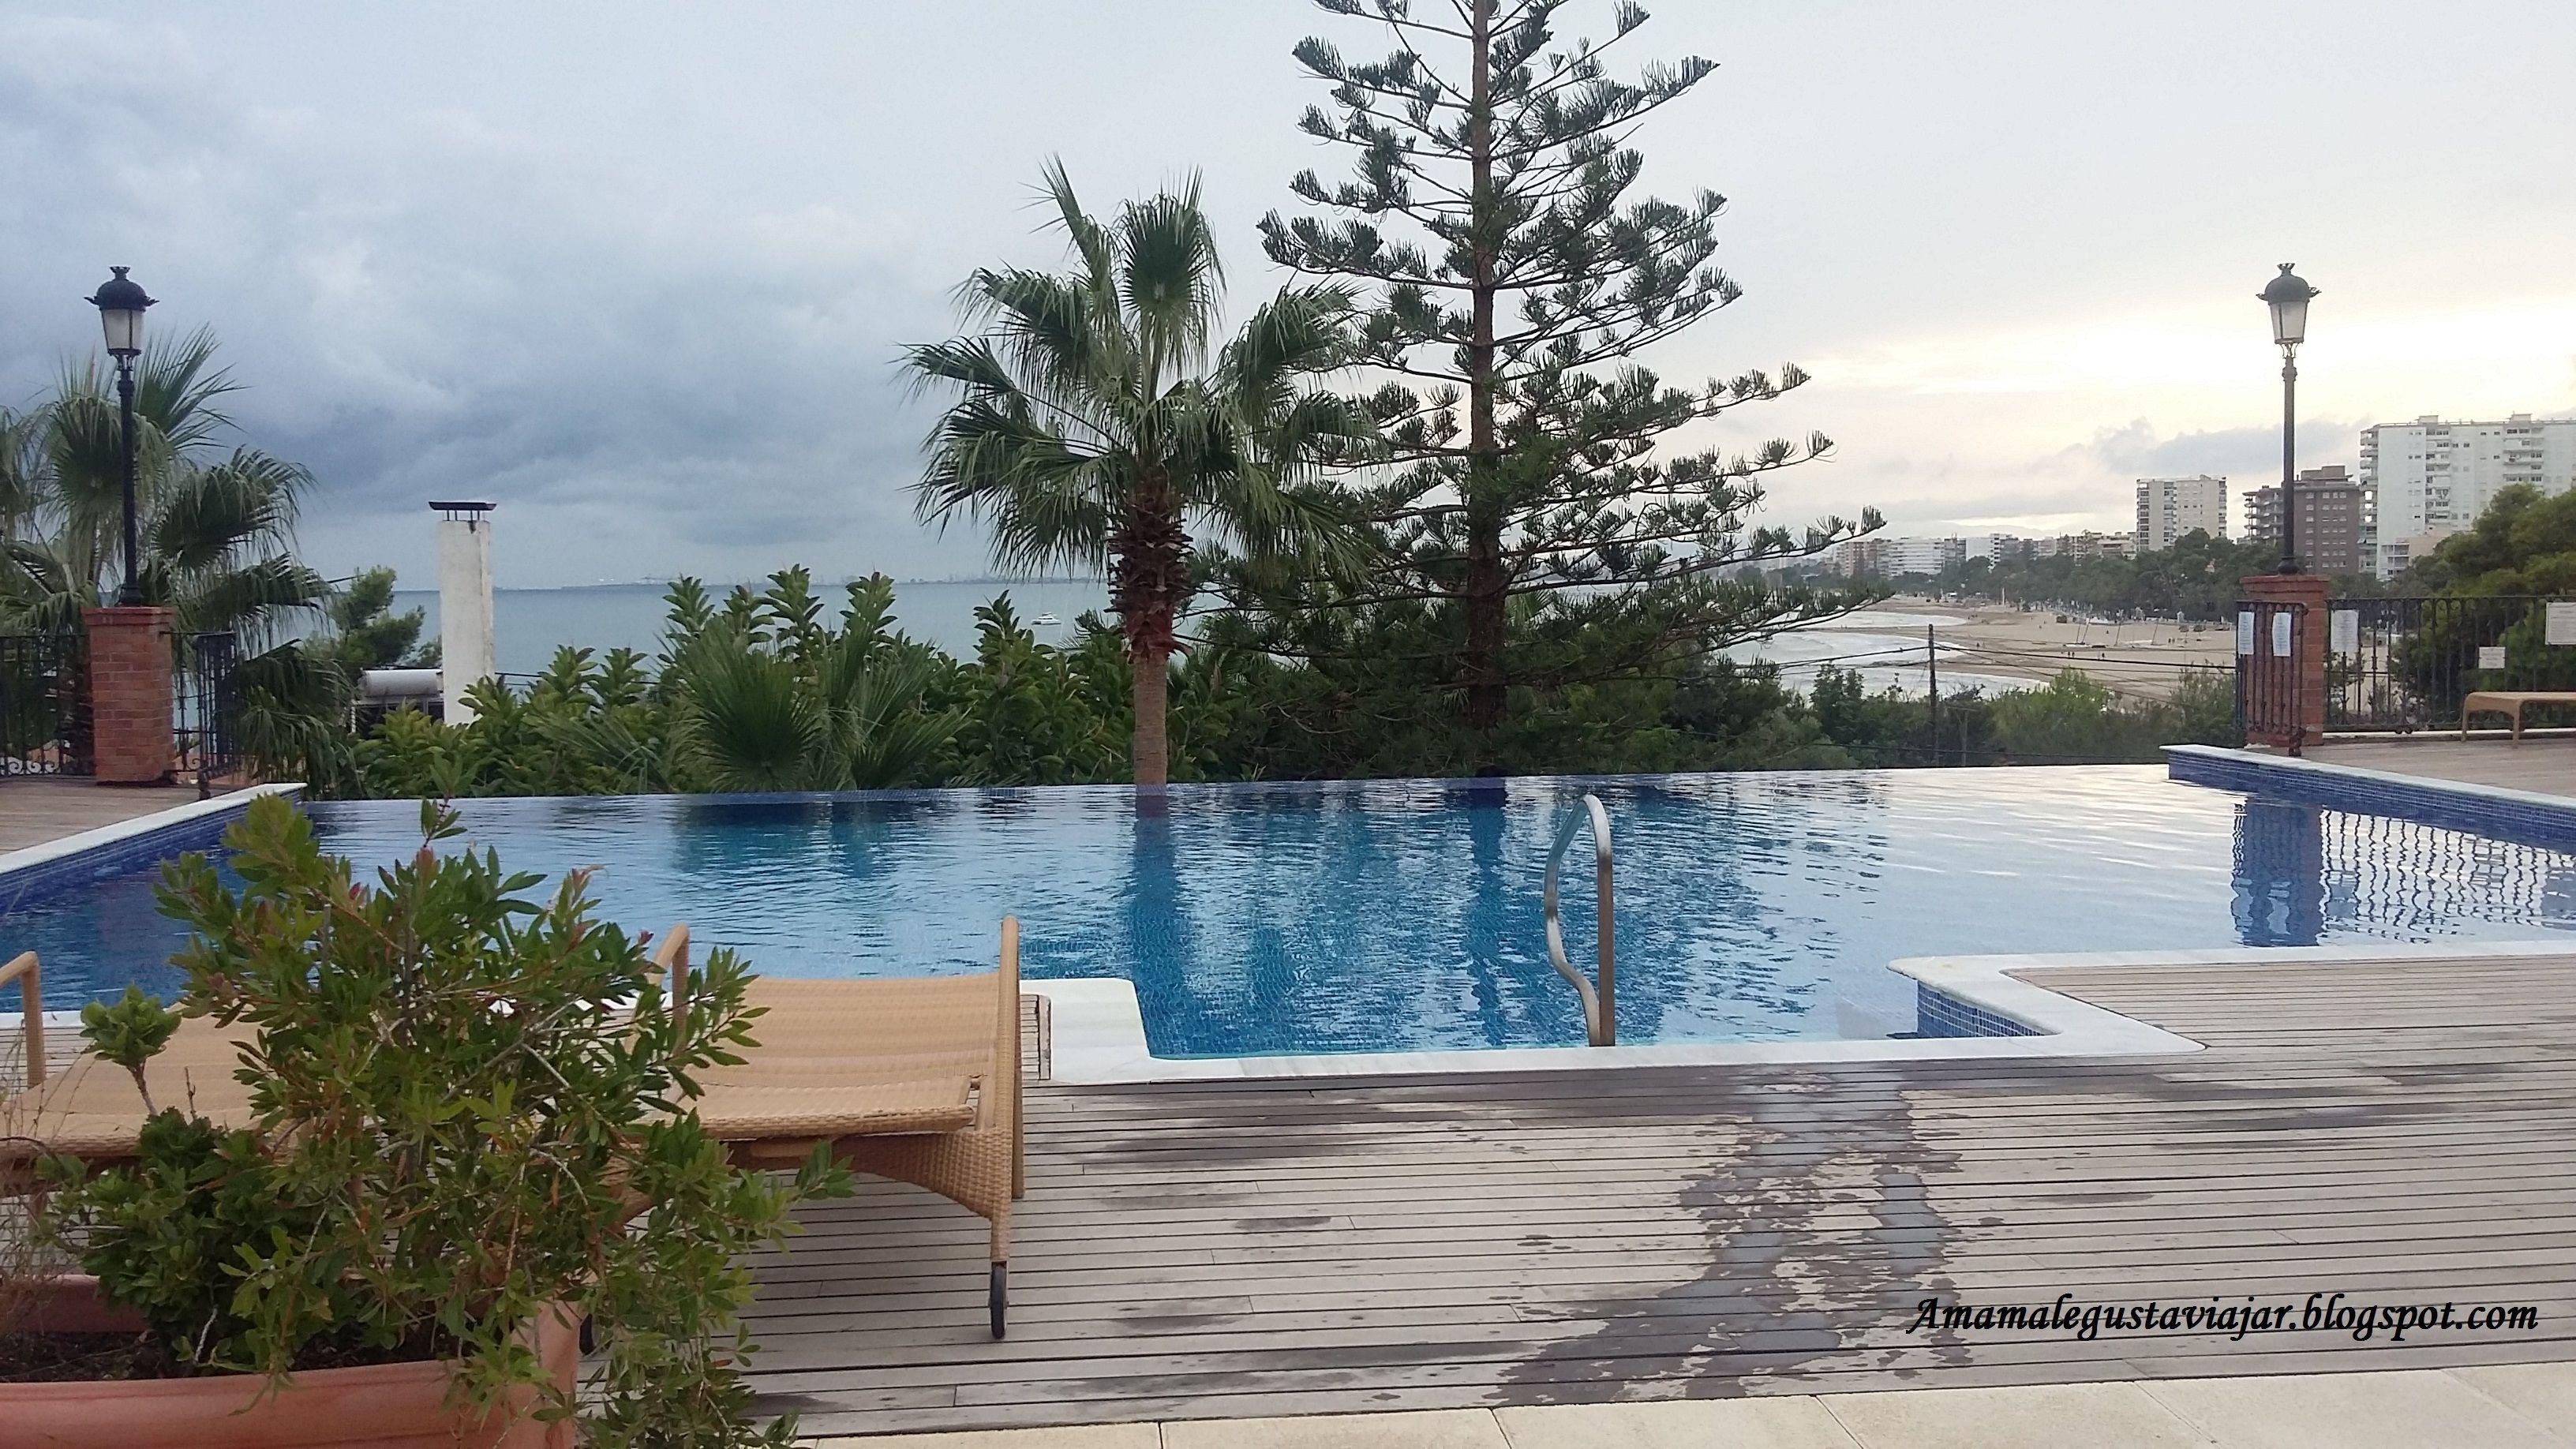 Hotel Termas Marinas El Palasiet. Benicassim. La piscina es preciosa.